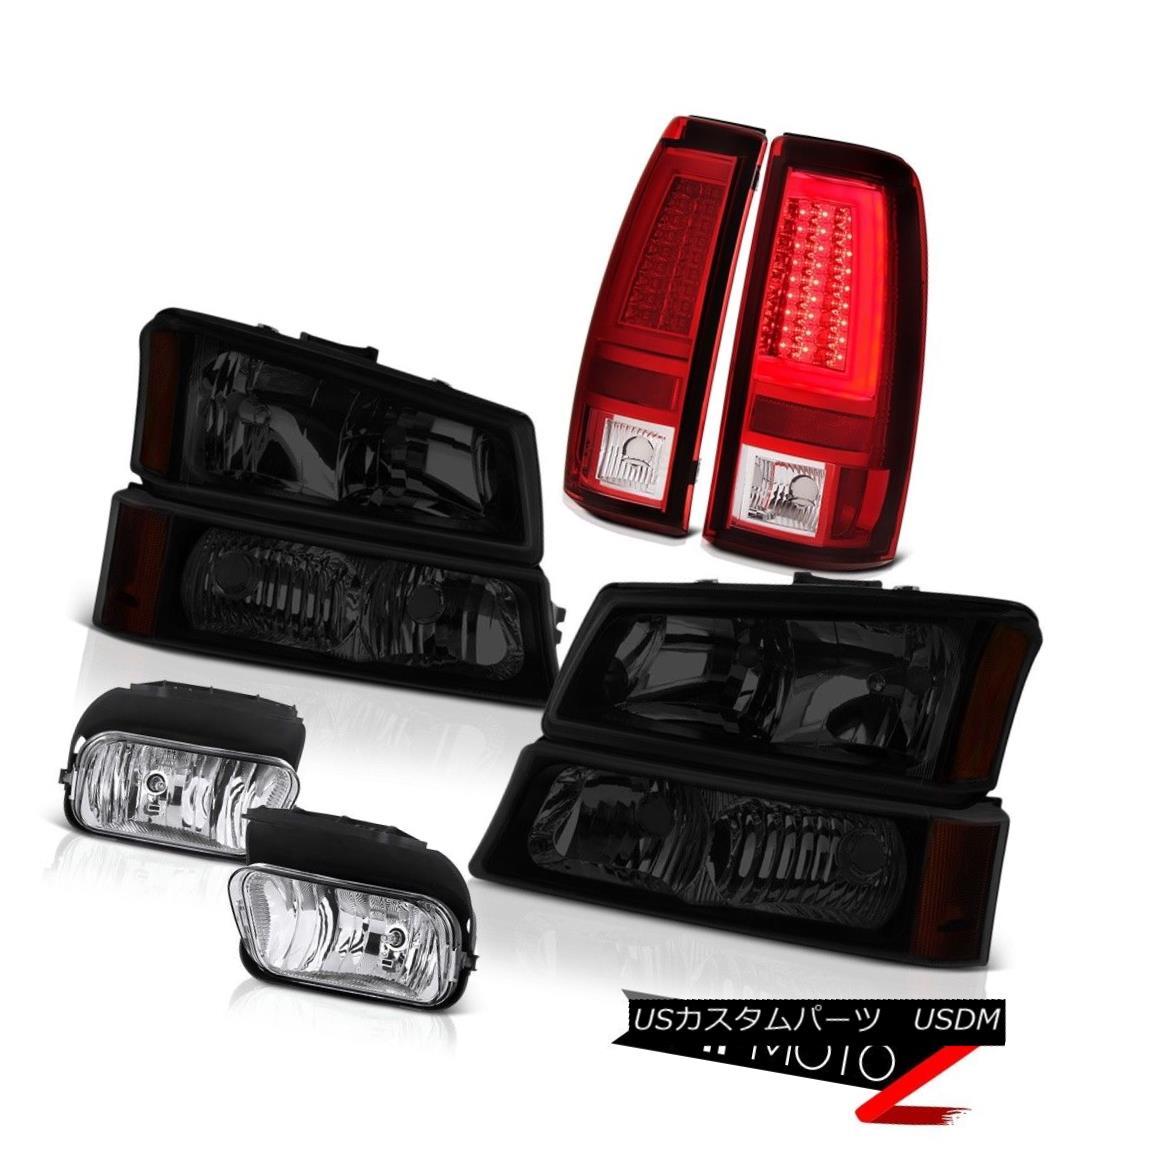 テールライト 2003-2006 Silverado Tail Brake Lights Headlamps Crystal Clear Foglights Oe Style 2003-2006 Silveradoテールブレーキライトヘッドランプクリスタルクリアフォグライトオースタイル